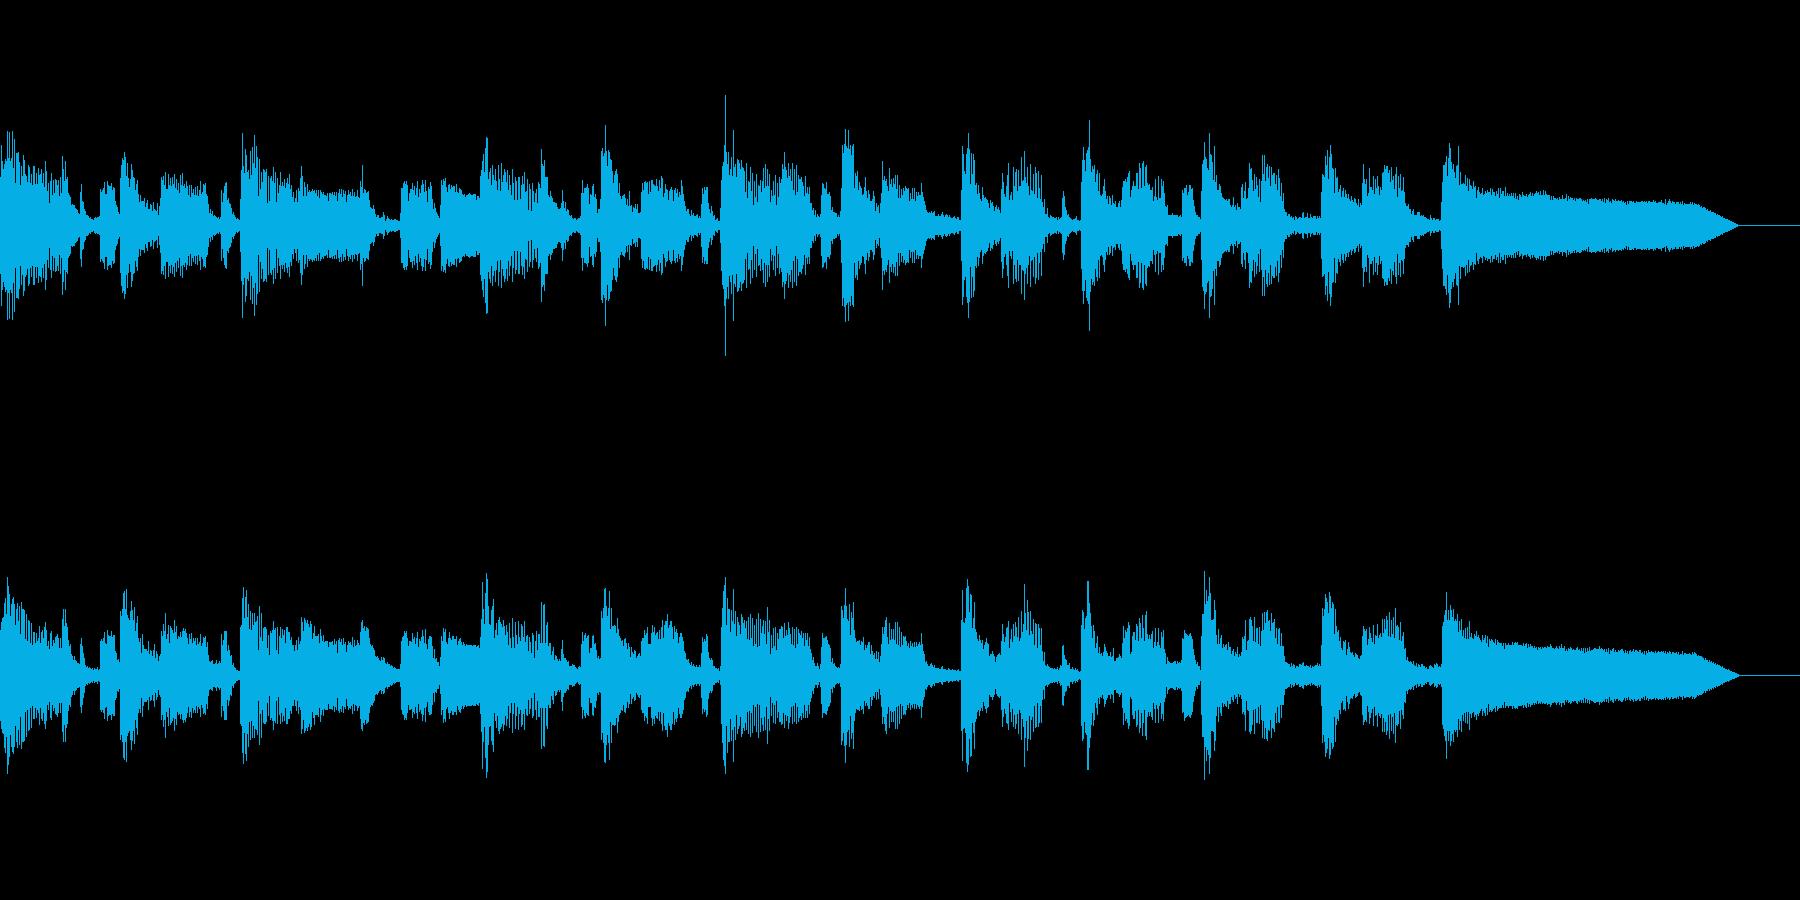 落ち着いたジャズ風BGMの再生済みの波形